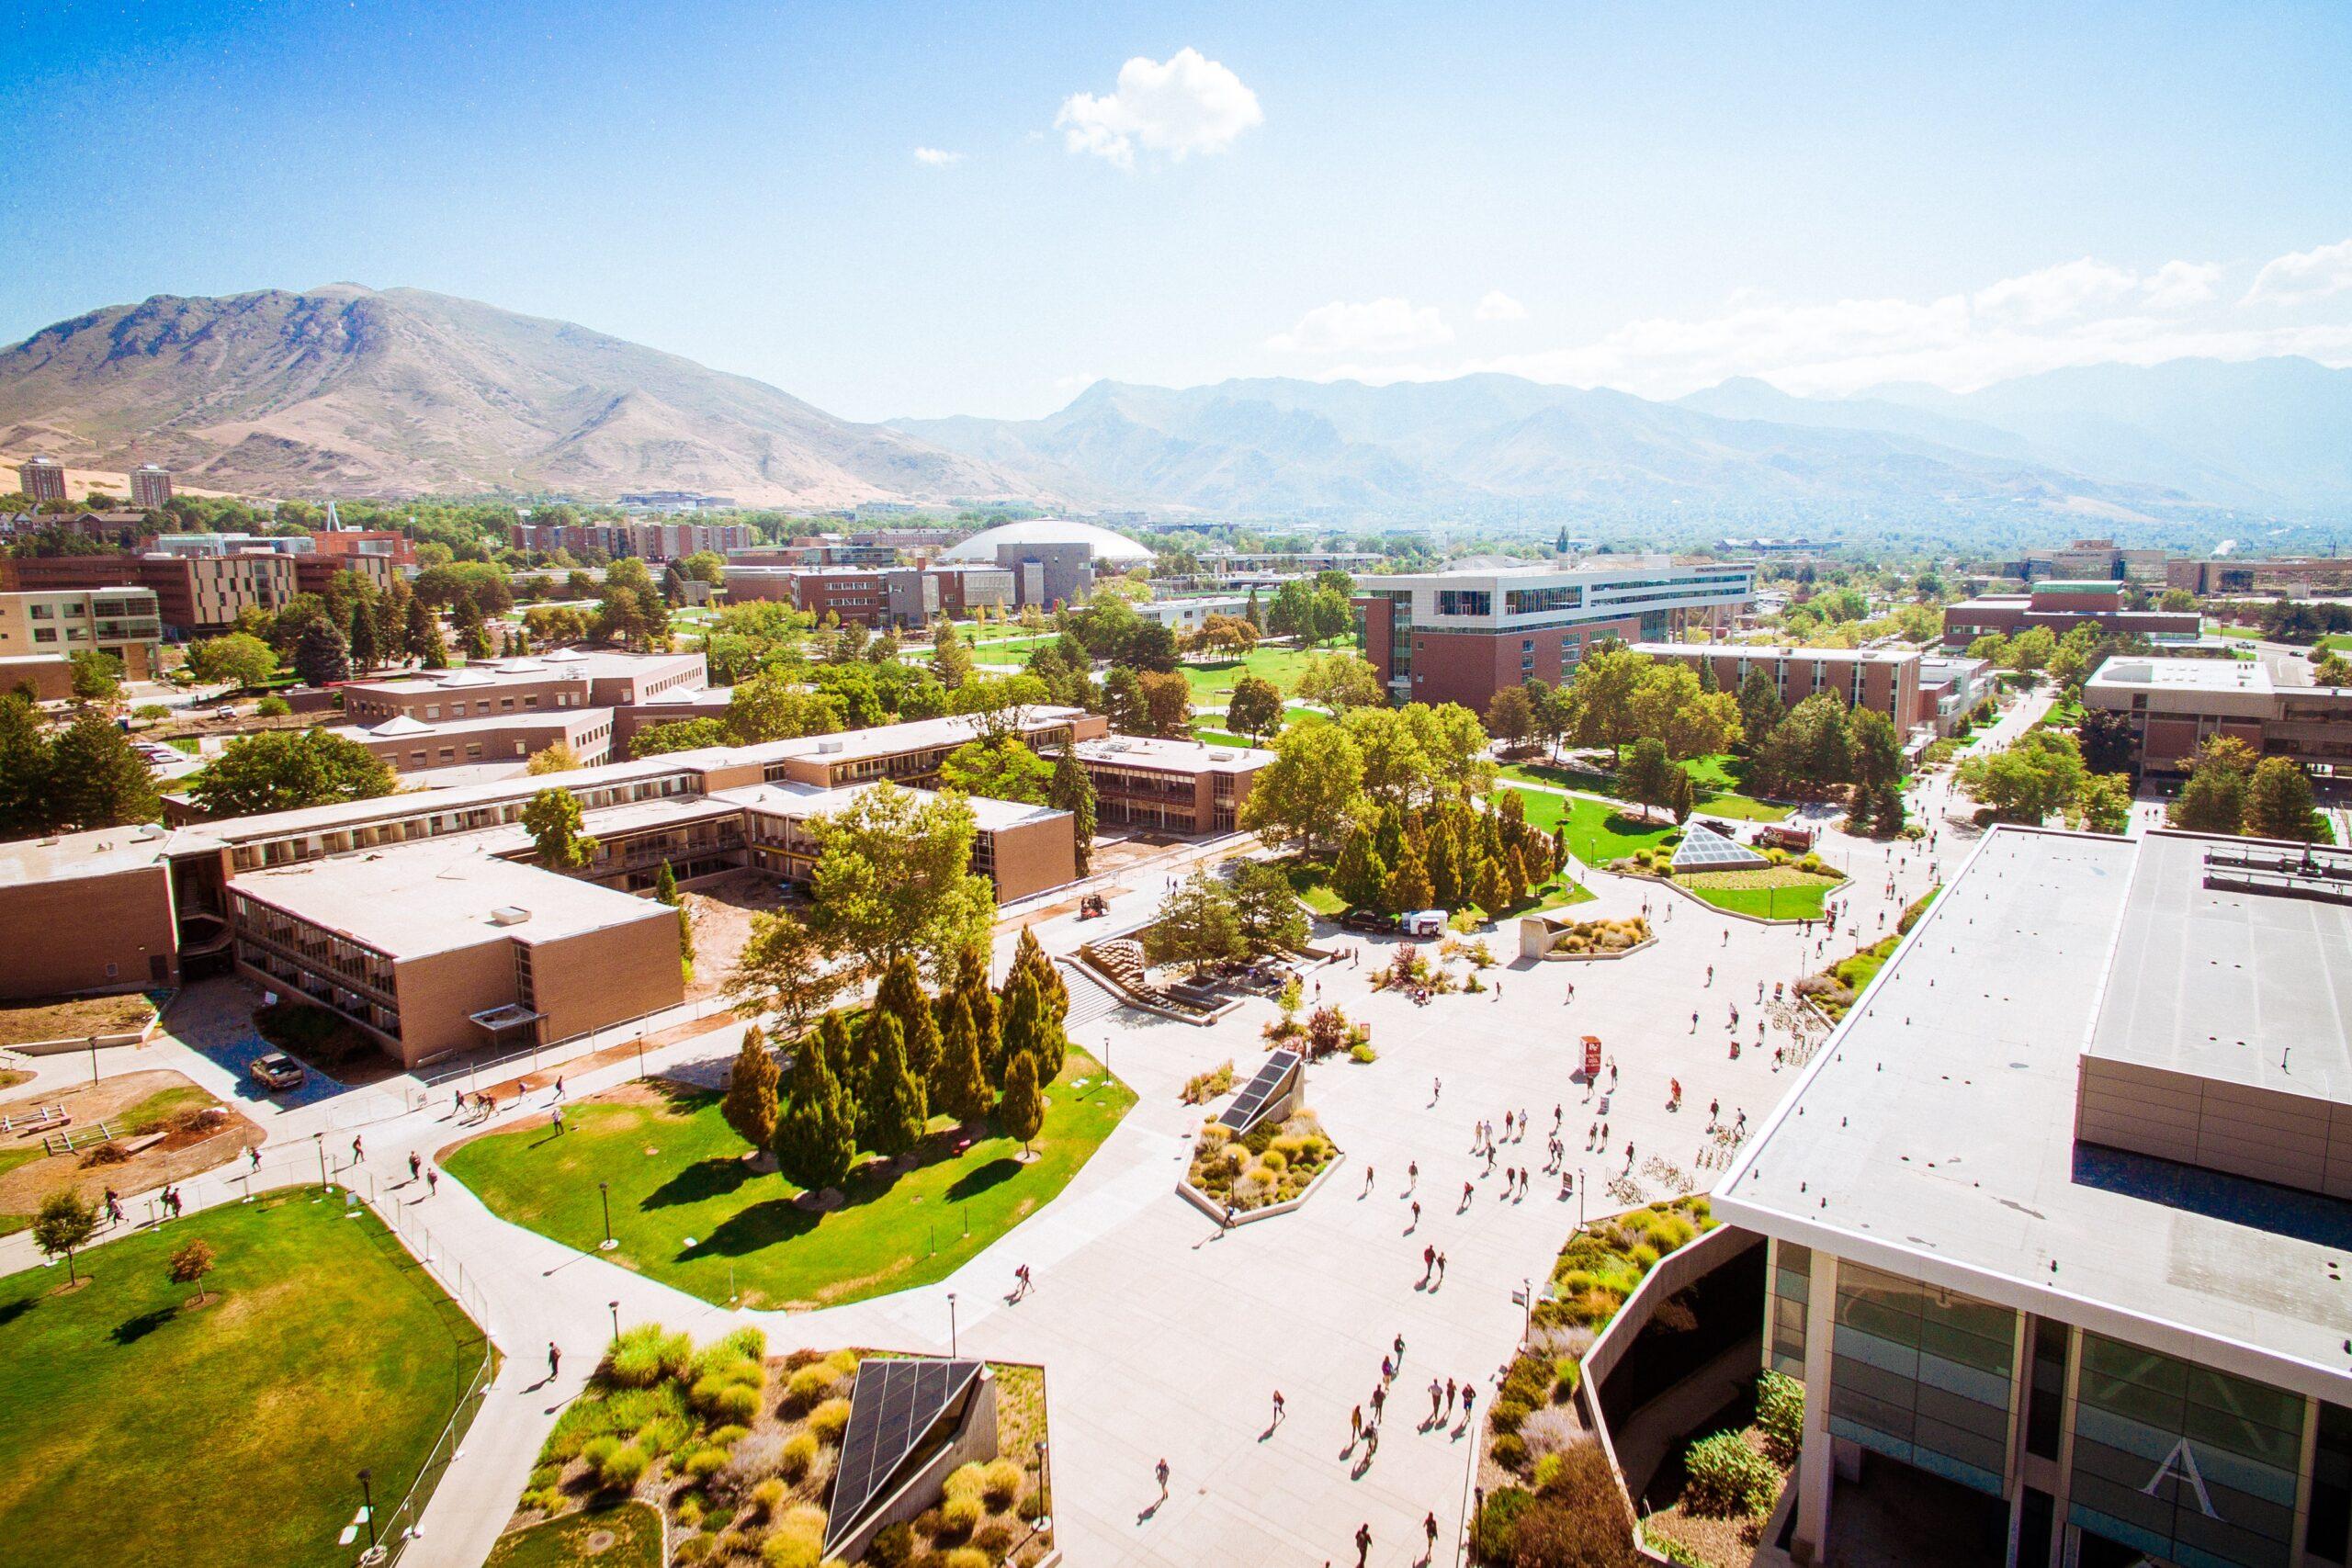 大学に行く必要性ってあるの?大学の本当の価値と費用対効果について